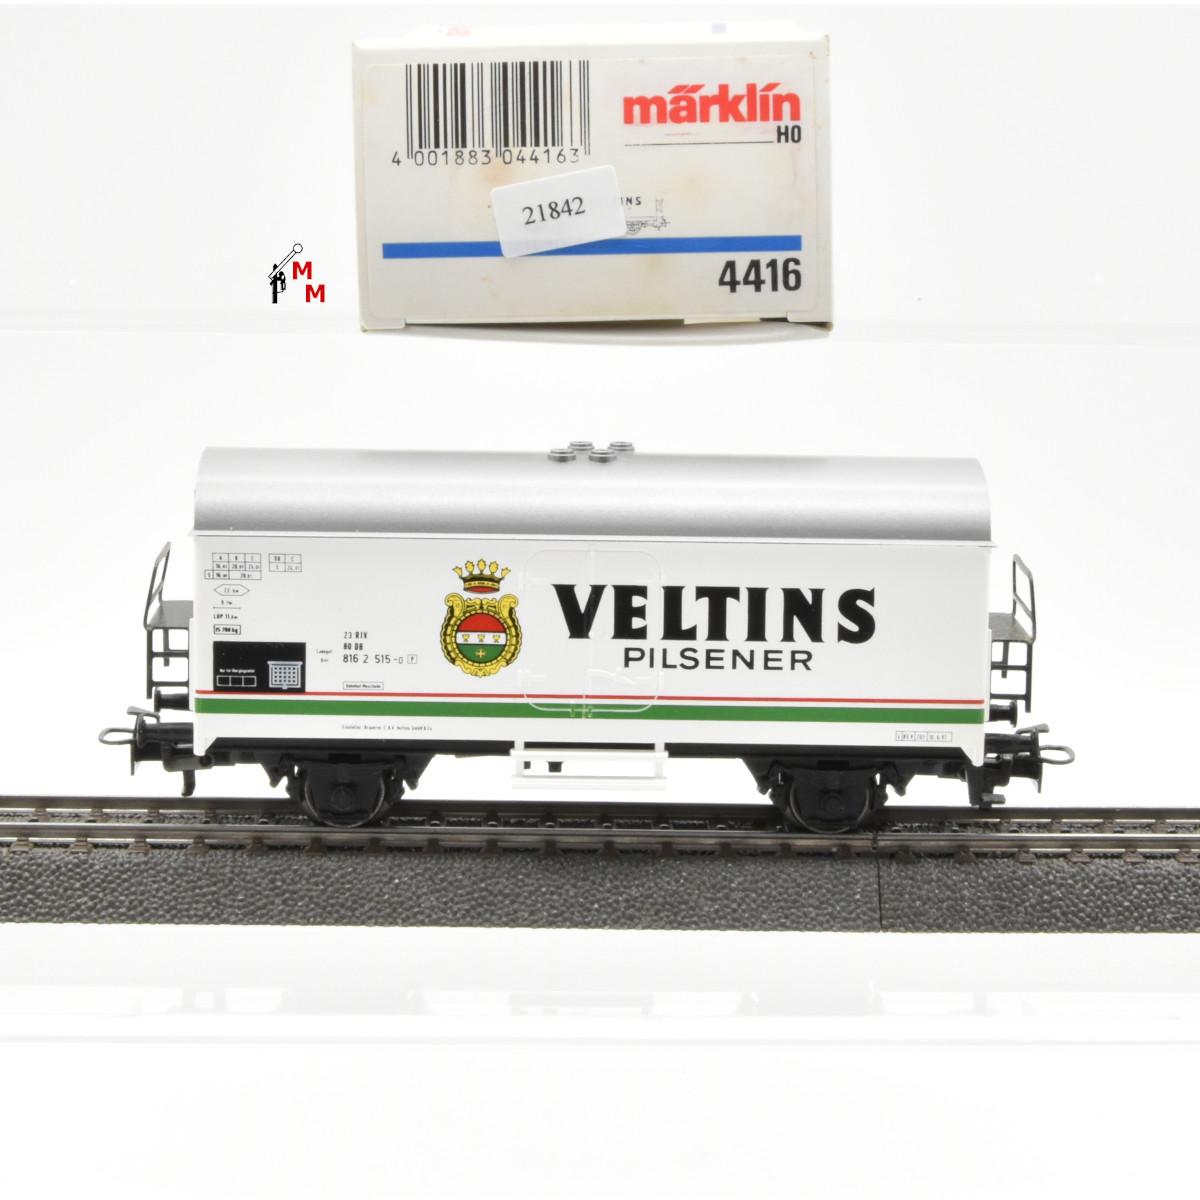 Märklin 4416.10 Kühlwagen Veltins Pilsener, (21842)